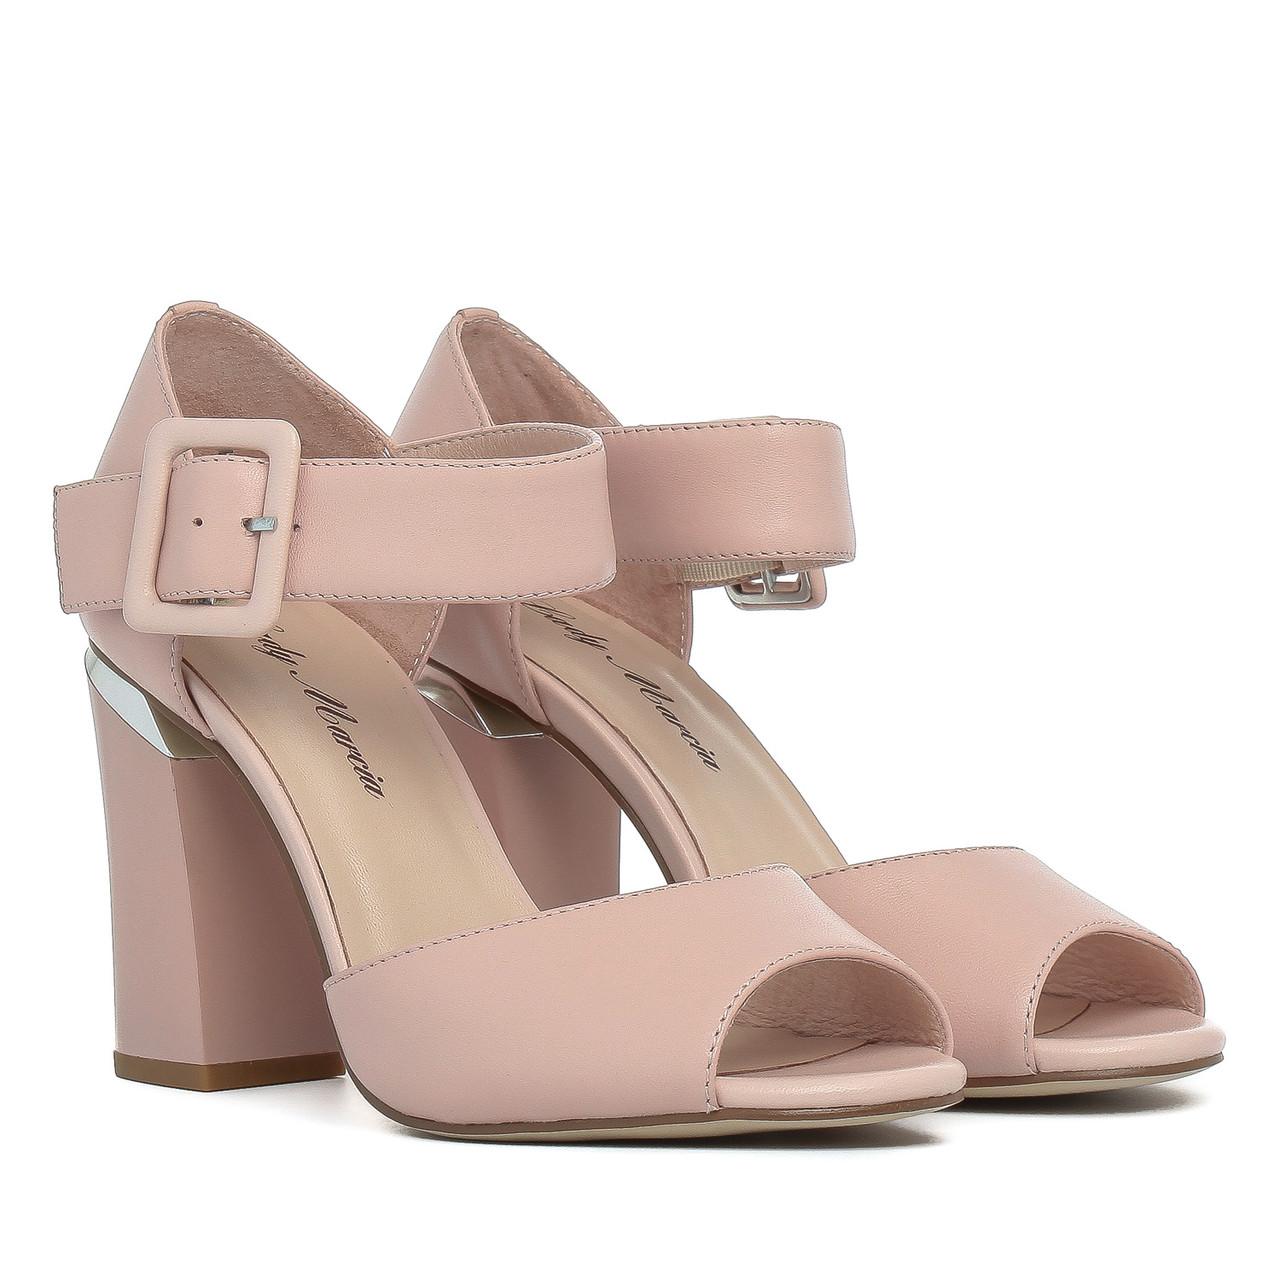 90c399570fda Купить Босоножки женские LADY MARCIA (кожаные, стильные, на высоком  каблуке, модные) ...